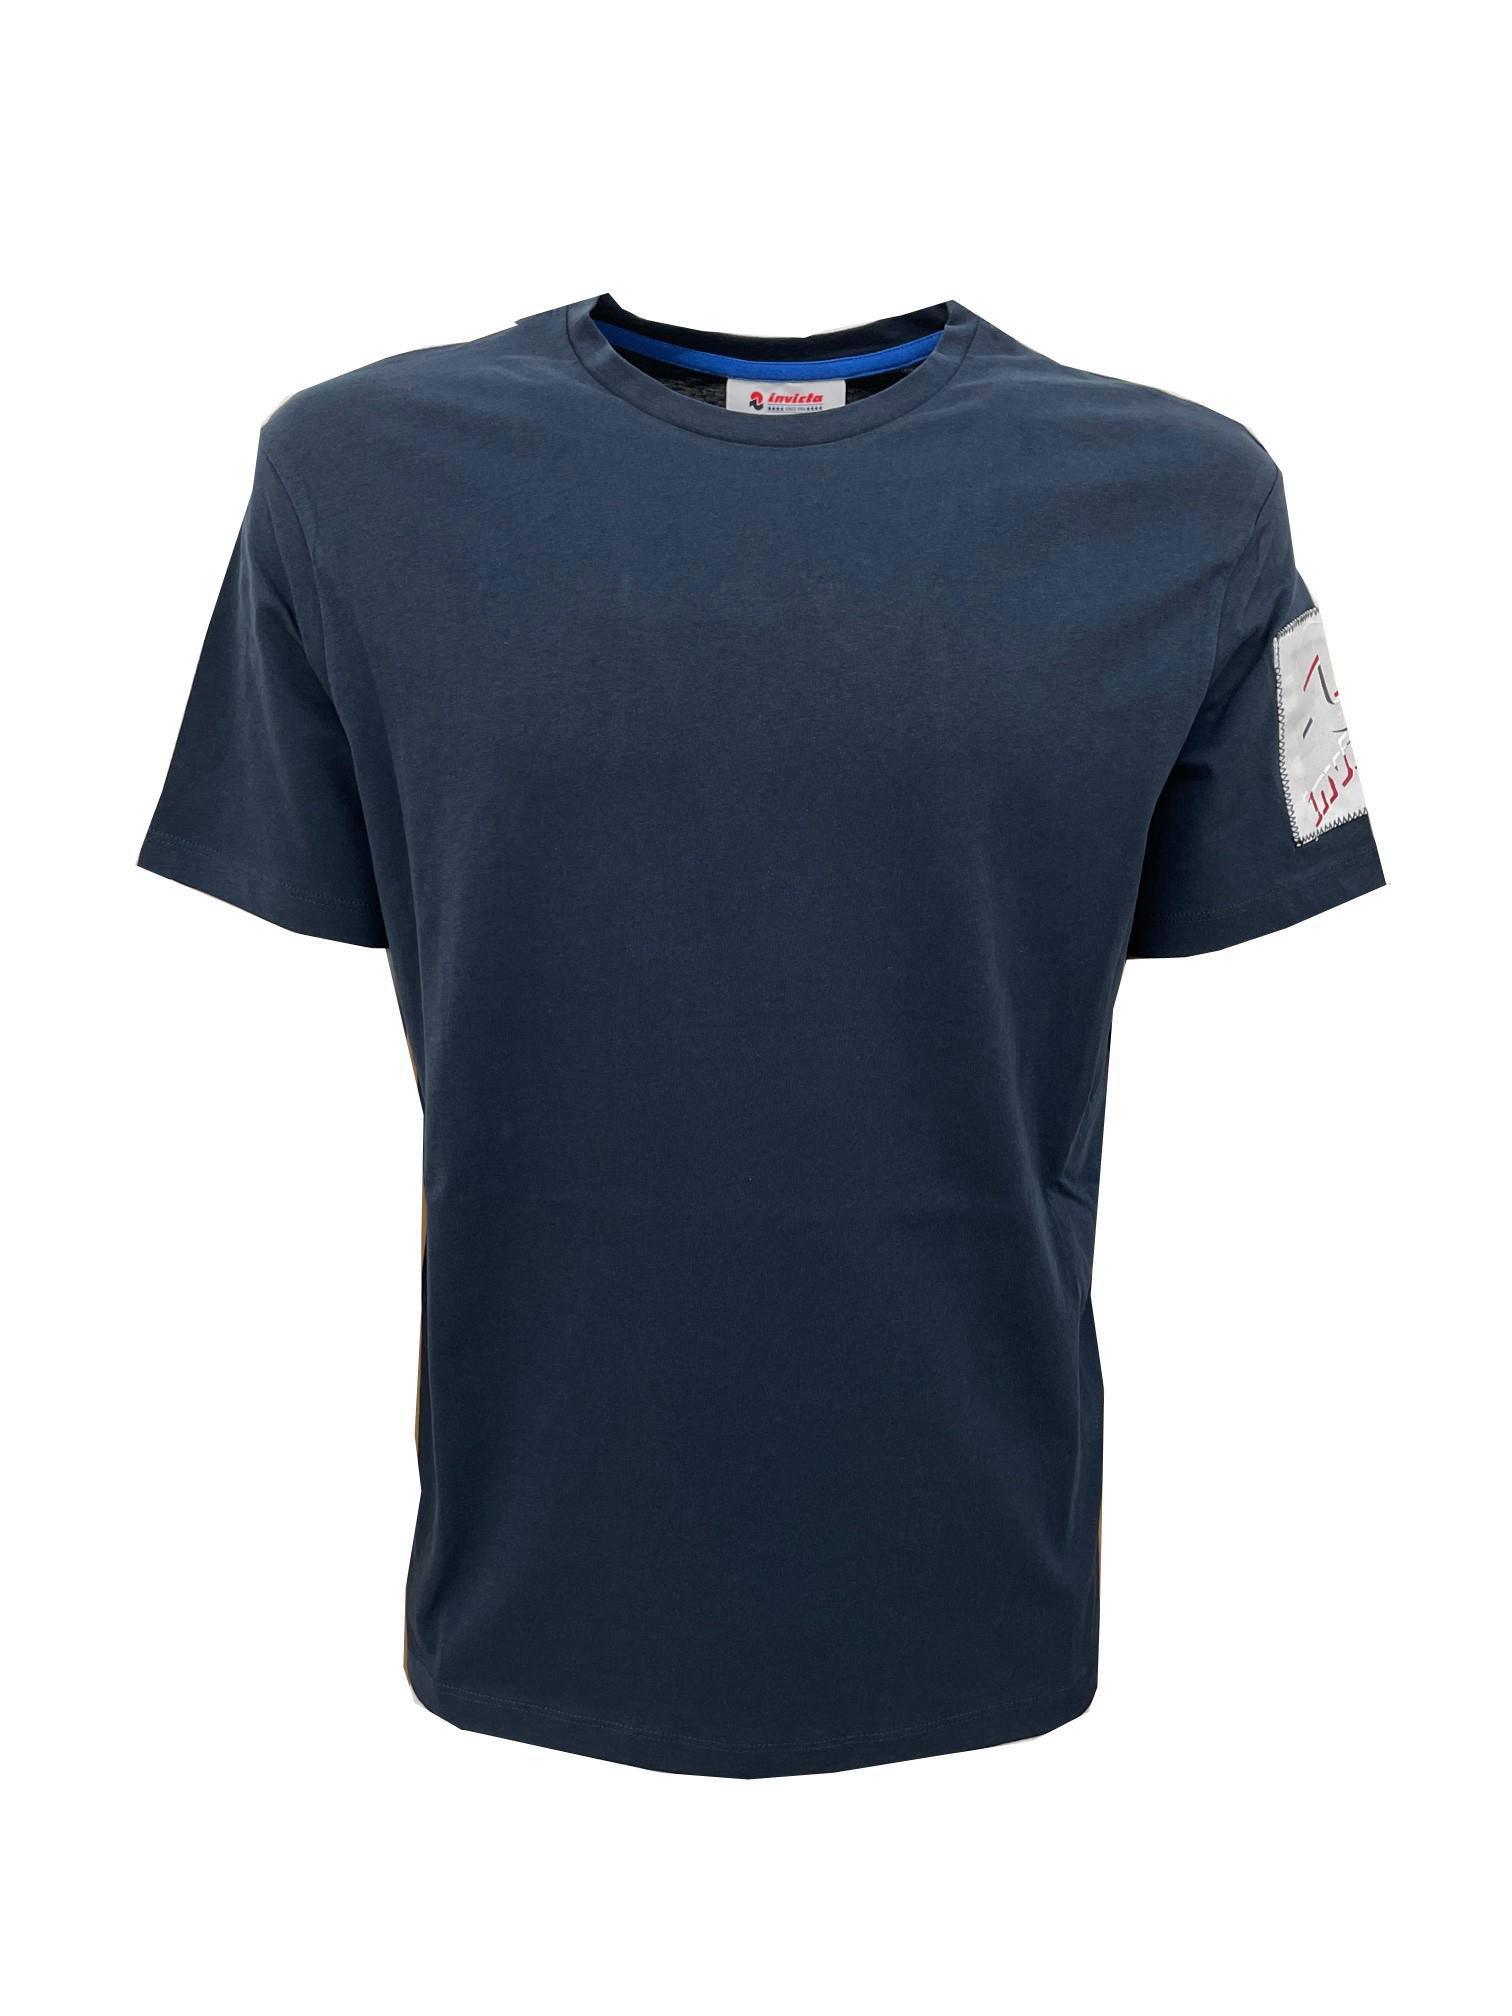 T-Shirt Invicta a Maniche Corte Blu